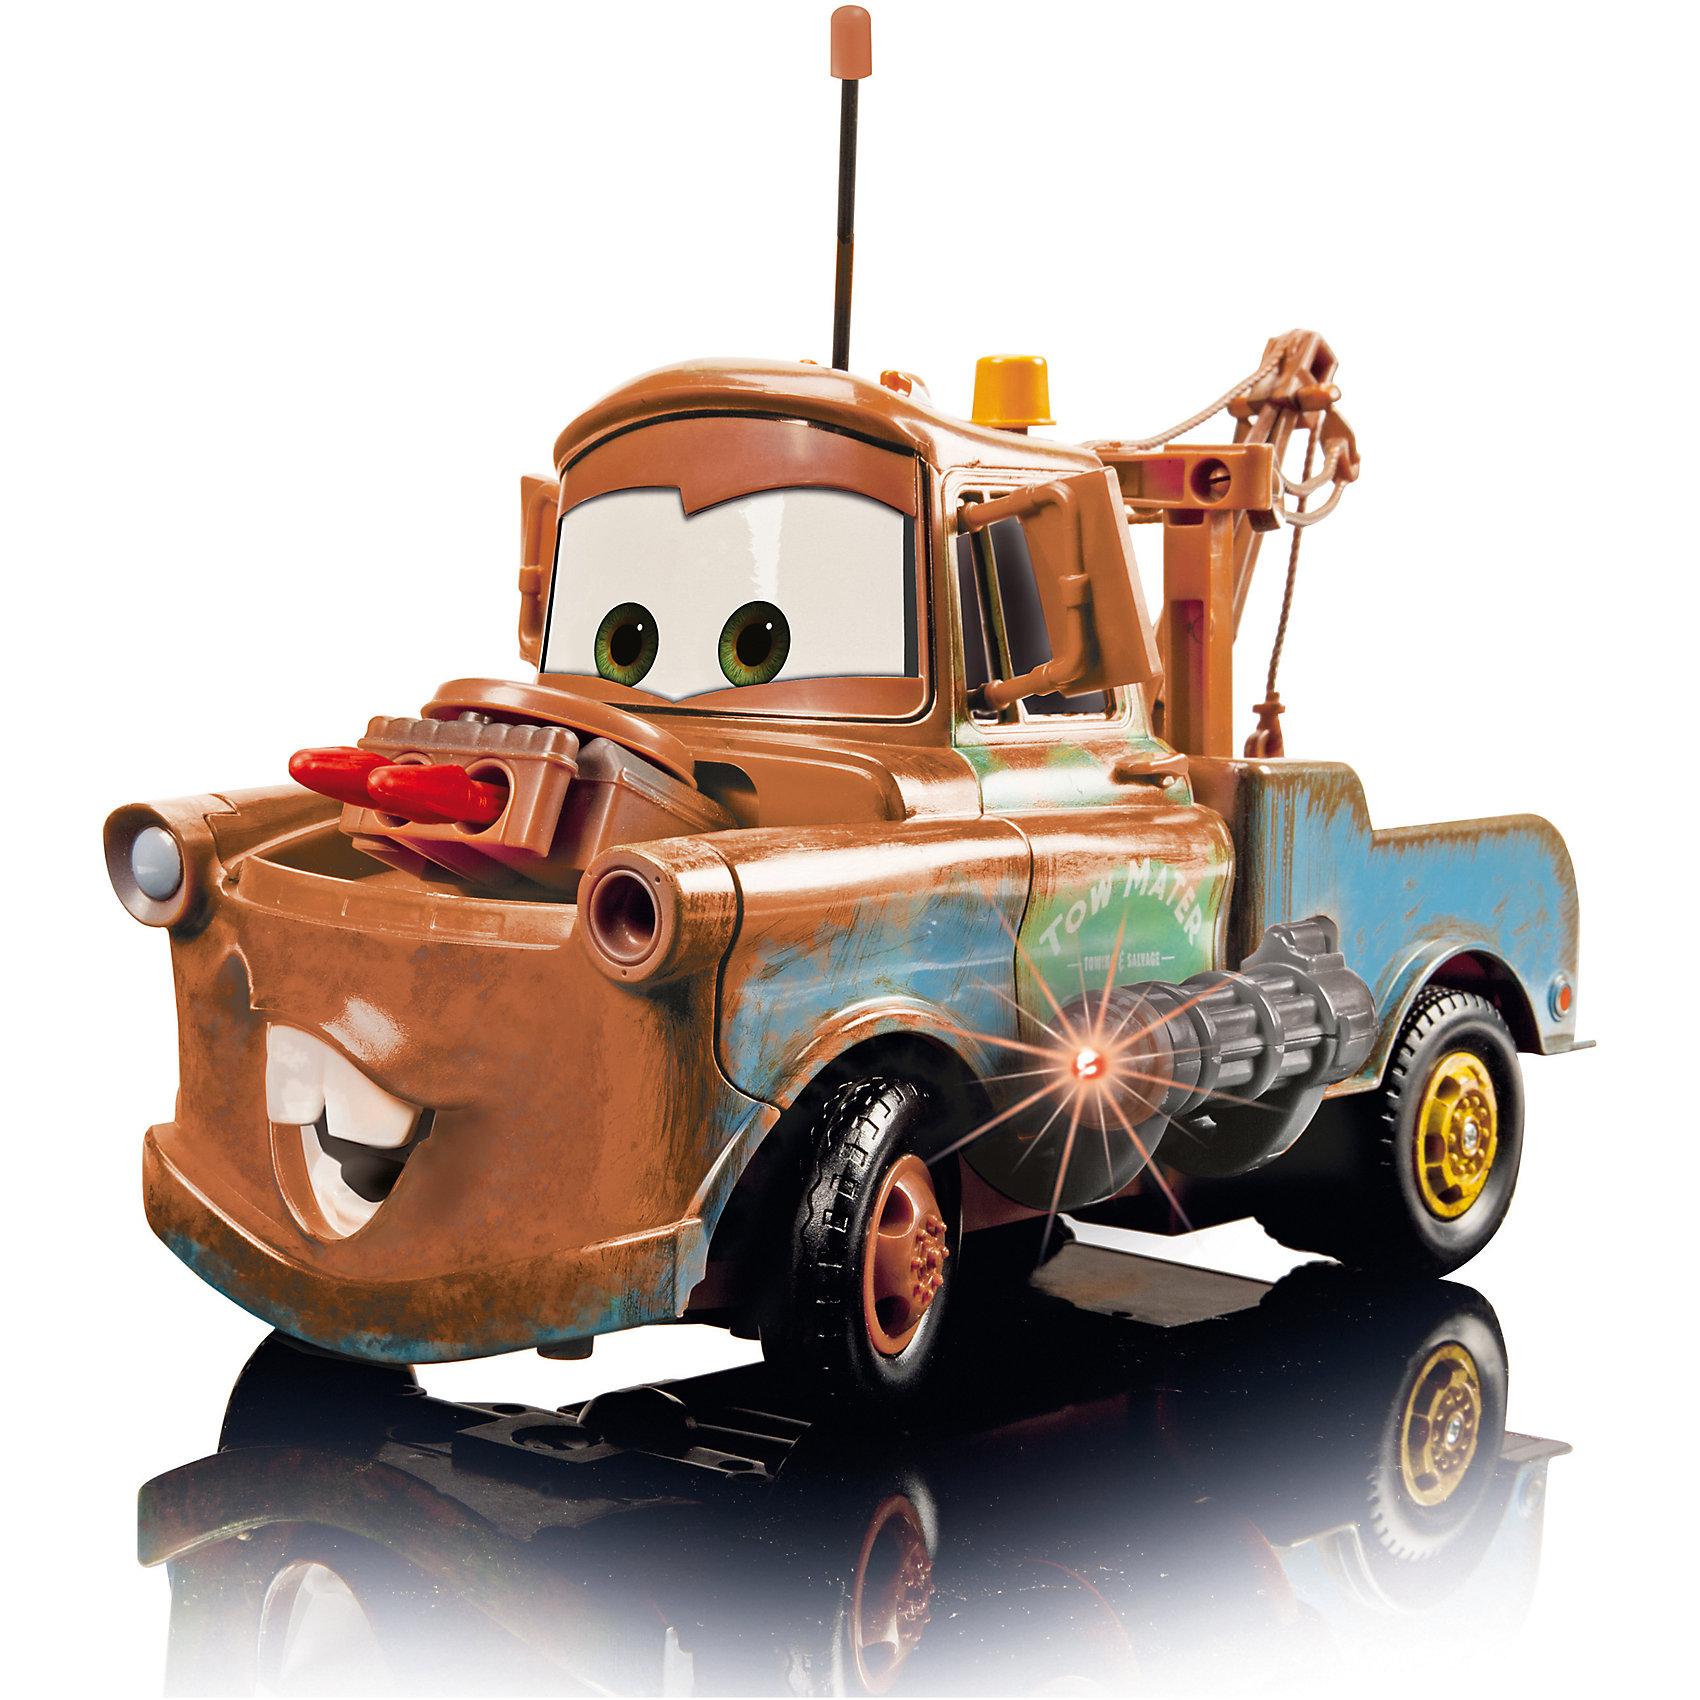 Машинка Мэтр. Тачки на р/у, 29 см, DICKIEМашинка Мэтр. Тачки, Dickie, на радиоуправлении станет отличным подарком для всех юных автолюбителей, это замечательная игрушка для активных подвижных игр, с которой можно играть как дома, так и на улице. Машинка выполнена в виде веселого ржавого тягача Мэтра - популярного героя диснеевского мультфильма Тачки (Cars). Модель отличается высокой степенью детализации и полностью воспроизводит внешний вид своего персонажа, имеет большие прорезиненные колеса с желто-оранжевыми дисками. Мэтр оснащен шпионским оружием: спереди спрятаны пушки, стреляющие ракетами, а по бокам лазерные пулеметы. Стрельба из пулеметов сопровождается звуковыми и световыми эффектами. Автомобиль управляется с помощью пульта радиоуправления и может двигаться во всех направлениях. Две большие кнопки на торце пульта отвечают за запуск ракет и стрельбу из пулемета. Радиус действия пульта управления до 20 м. Благодаря возможности работы на двух разных частотах 27МГц и 40МГц, можно играть двумя машинками одновременно.<br><br>Дополнительная информация:        <br><br>- В комплекте: машина, пульт управления, инструкция.<br>- Материал: пластик. <br>- Требуются батарейки: пульт управления - 2 х АА LR6 (пальчиковые), машинка - 6 х АА LR6 ( пальчиковые) (батарейки в комплект не входят).<br>- Размер машины: 29 см.<br>- Размер упаковки: 46 х 24 х 22 см.<br>- Вес: 1,65 кг.<br><br>Машинку Мэтр. Тачки, DICKIE можно купить в нашем интернет-магазине.<br><br>Ширина мм: 460<br>Глубина мм: 242<br>Высота мм: 220<br>Вес г: 1654<br>Возраст от месяцев: 72<br>Возраст до месяцев: 1164<br>Пол: Мужской<br>Возраст: Детский<br>SKU: 2200380